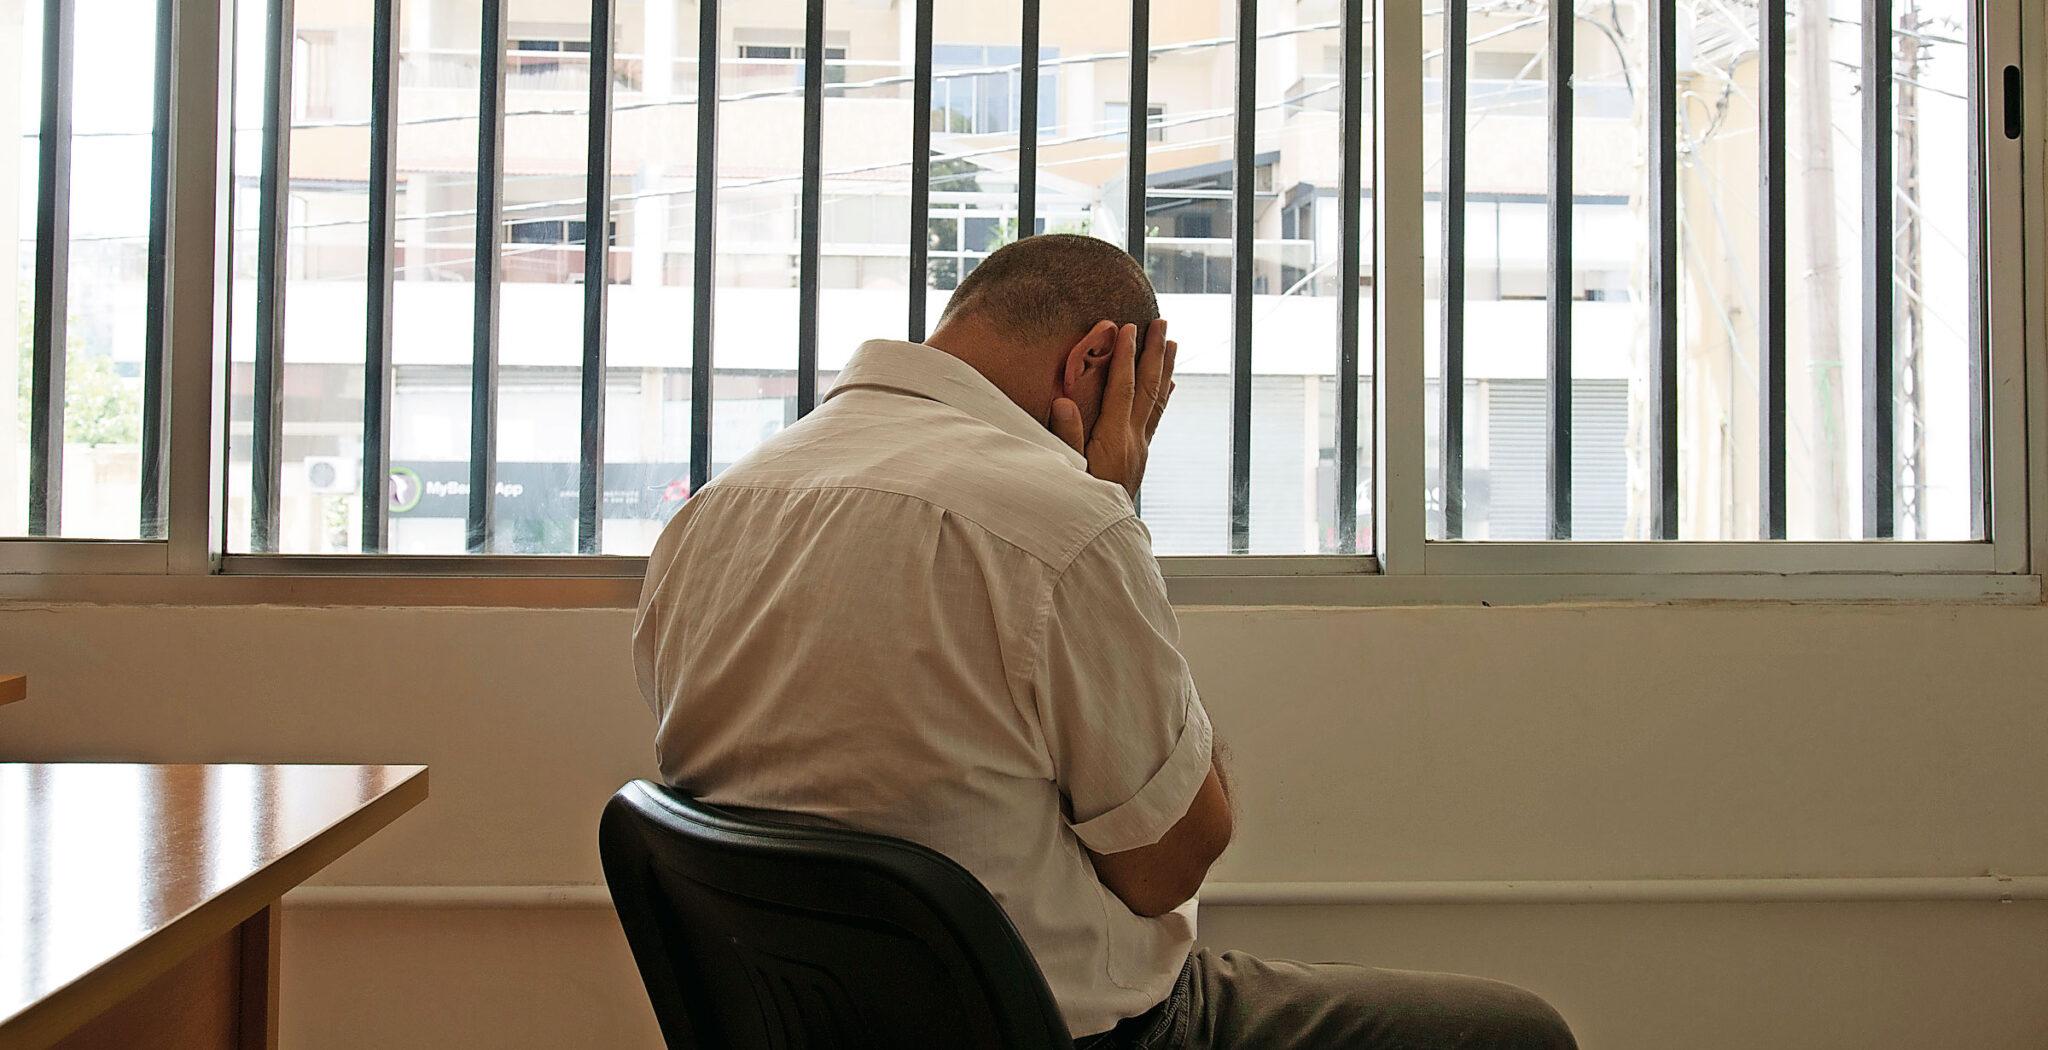 Hombre sentado de espaldas frente a una ventana con rejas y las manos en el rostro